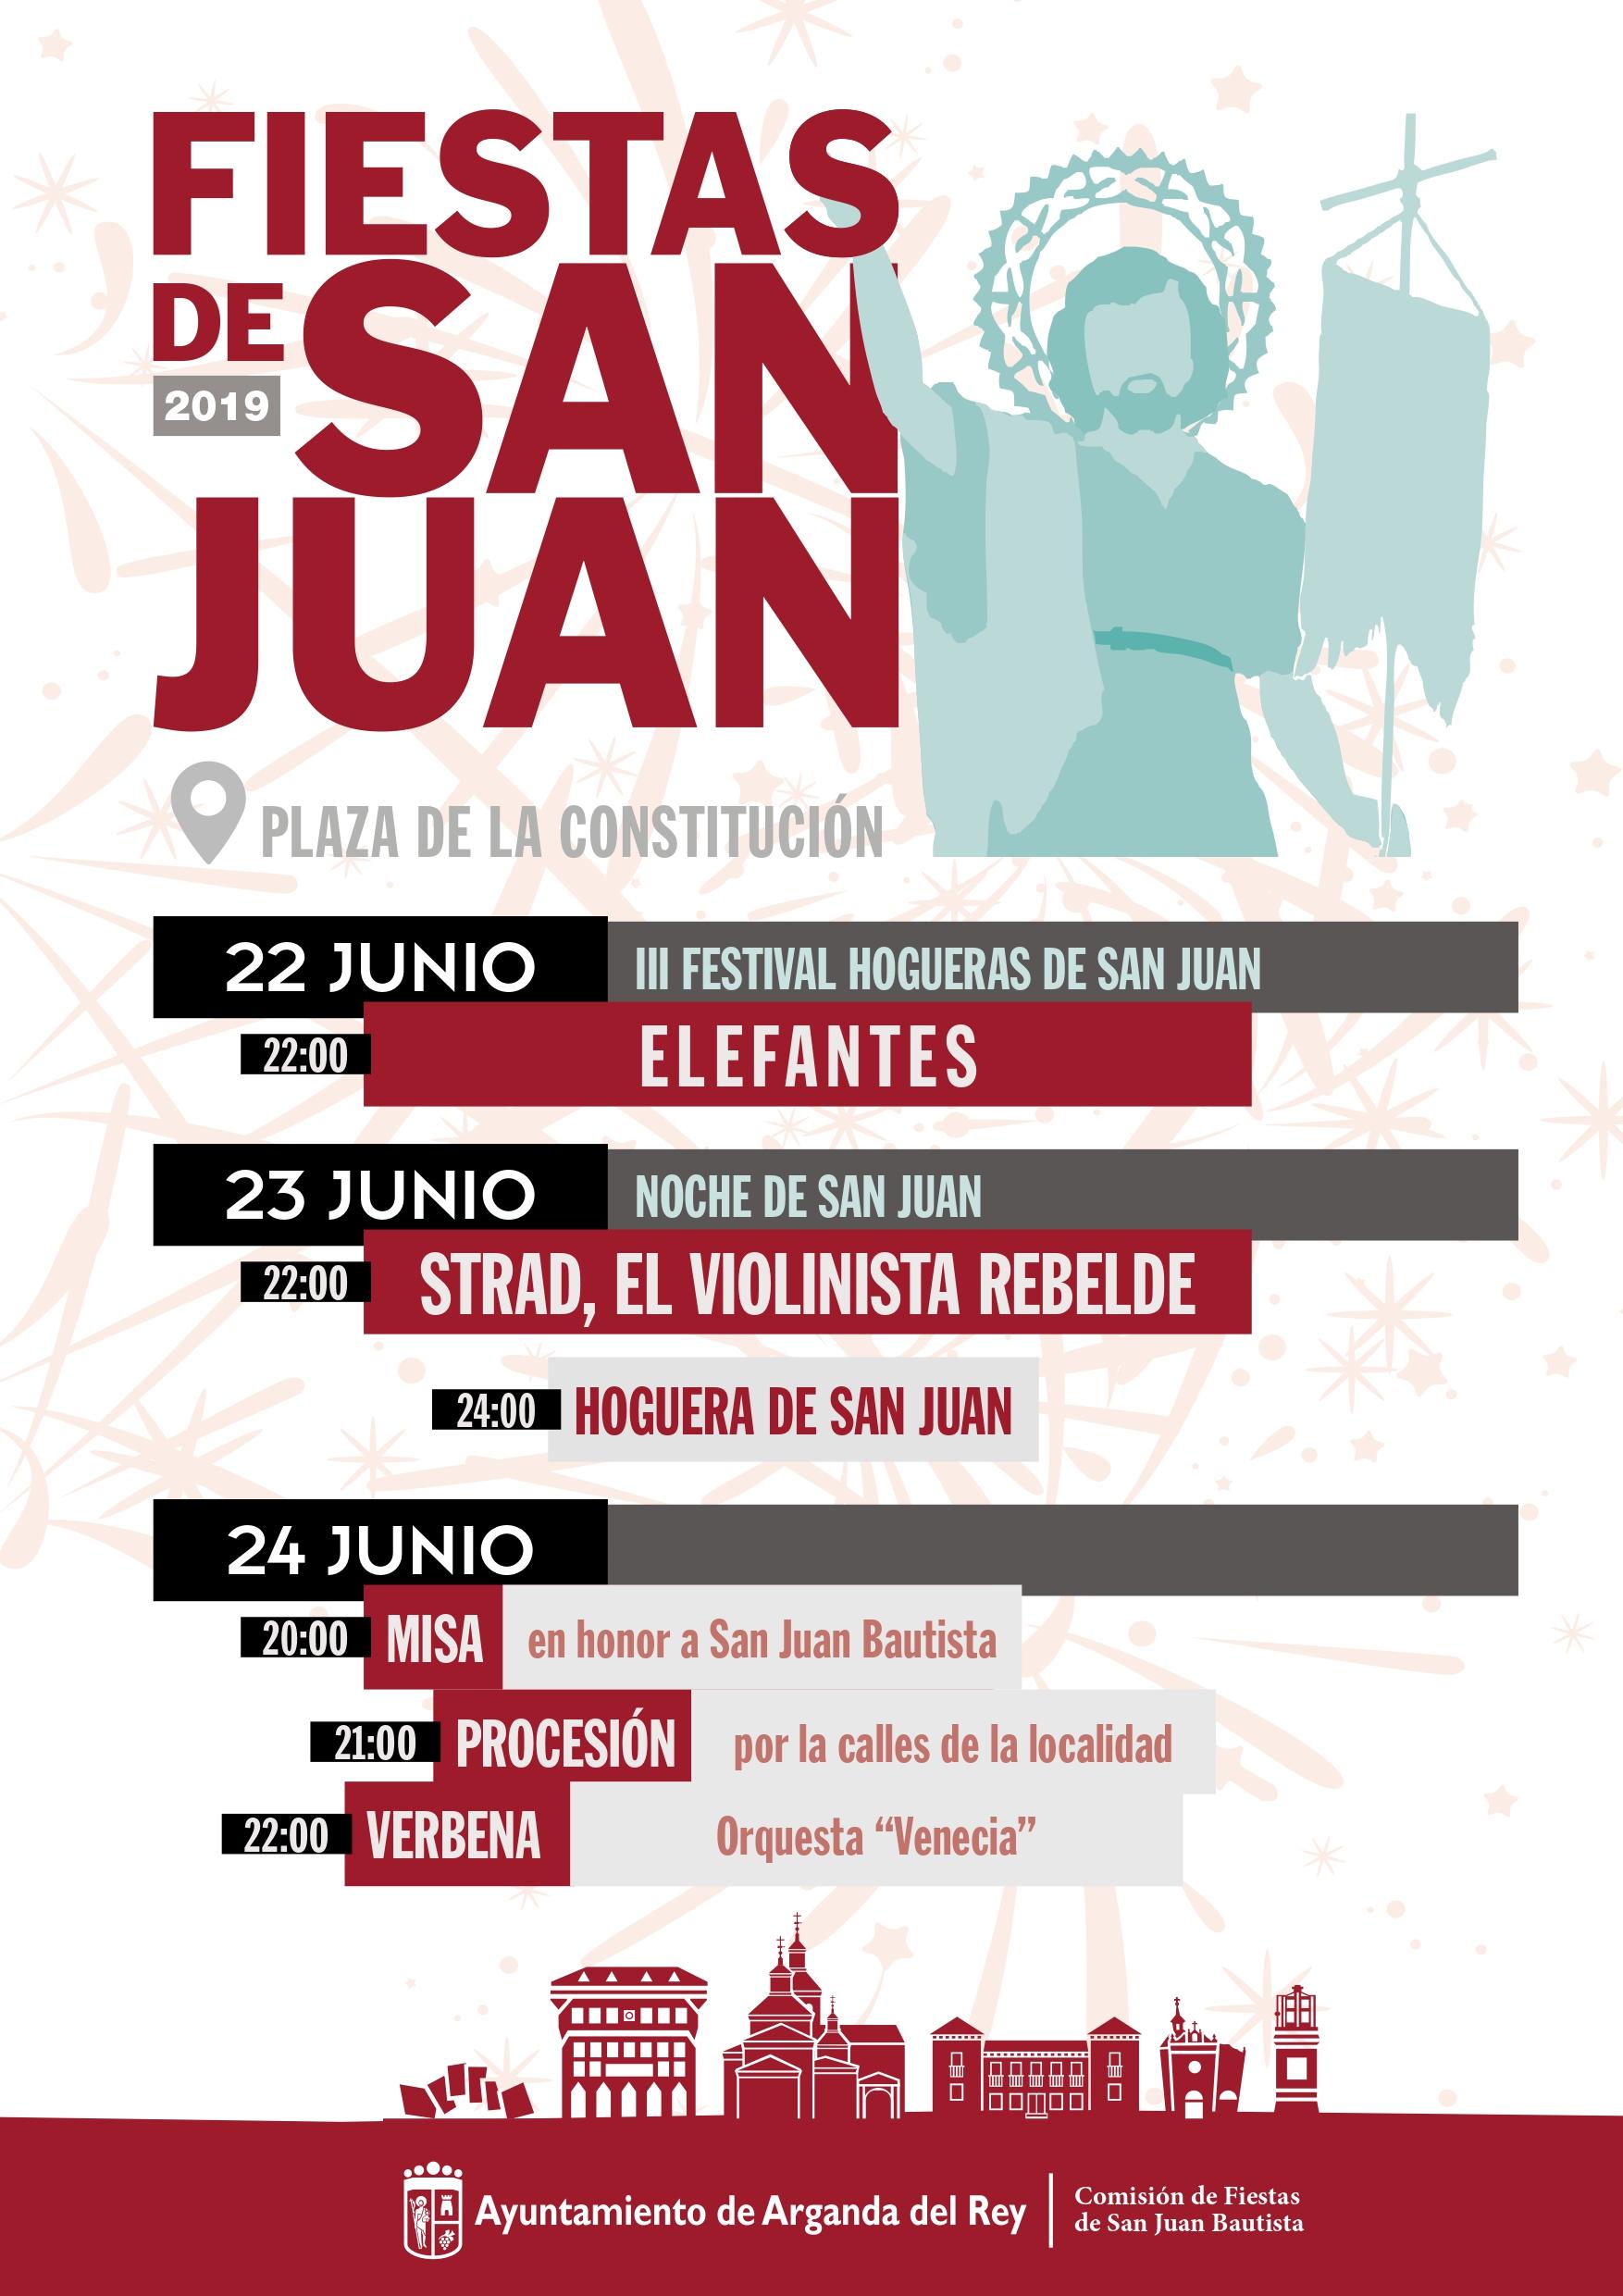 Las Fiestas de San Juan serán del 22 al 24 de junio